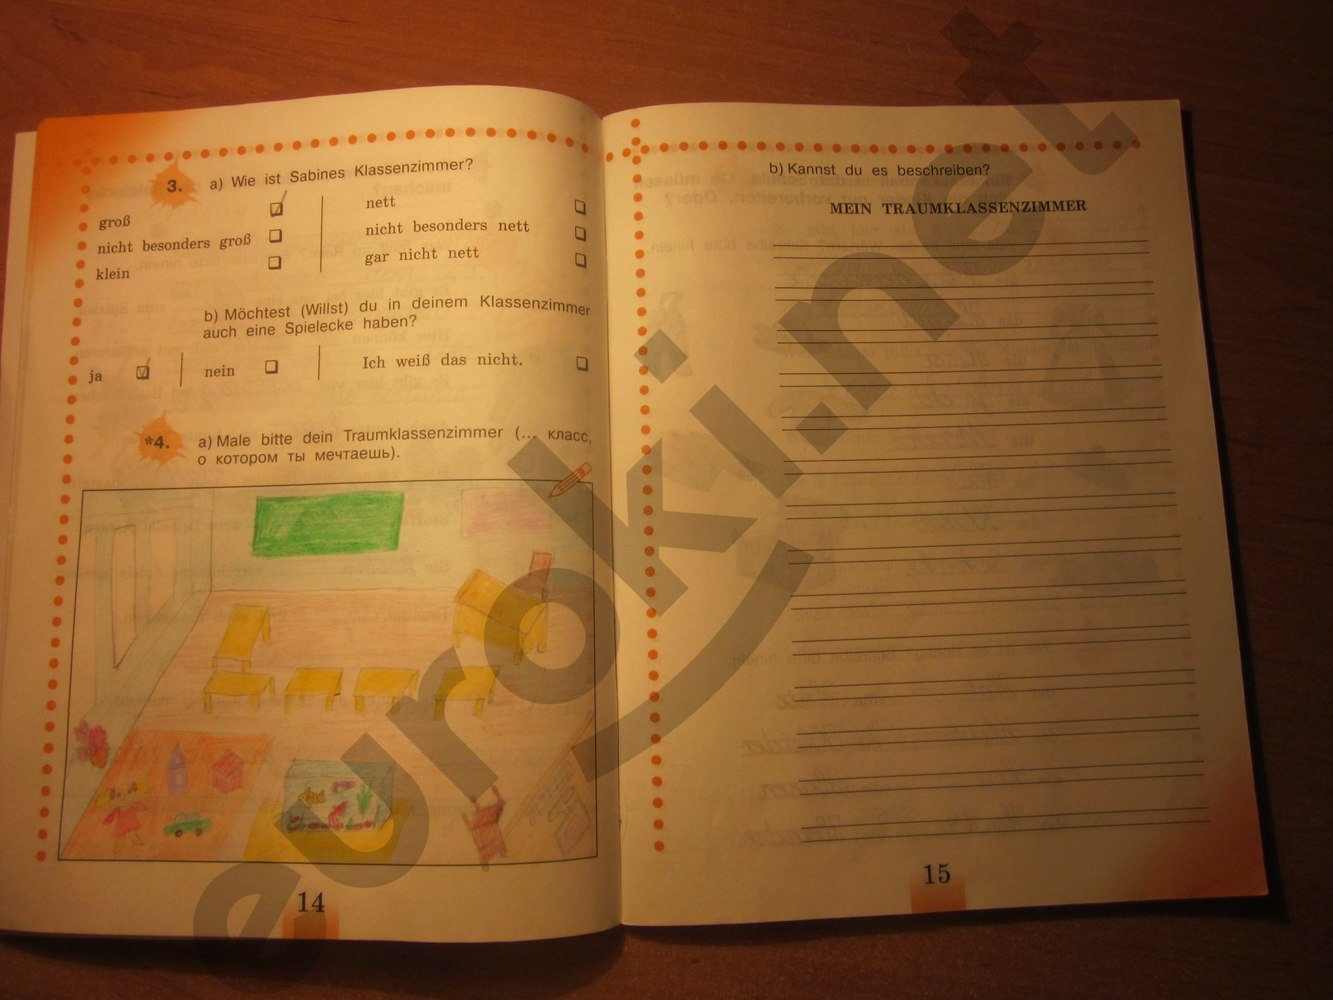 ГДЗ по немецкому языку 3 класс рабочая тетрадь Бим И.Л. Рыжова Л.И. Часть 2. Задание: стр. 14-15